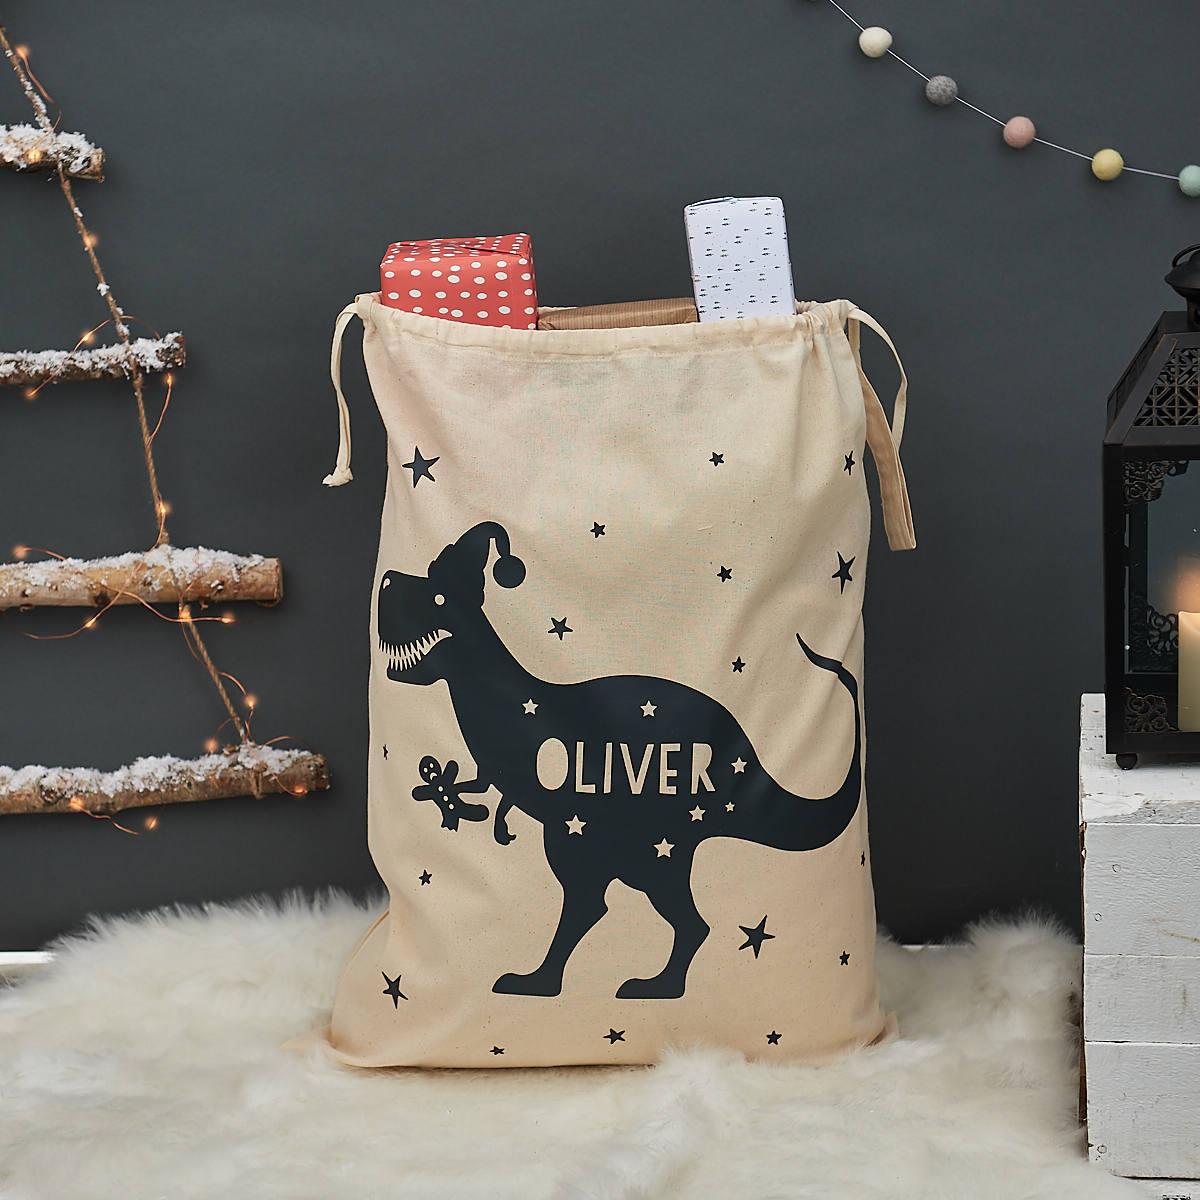 T-Rex-Weihnachten-Sack personalisierte Weihnachten Sack | Etsy